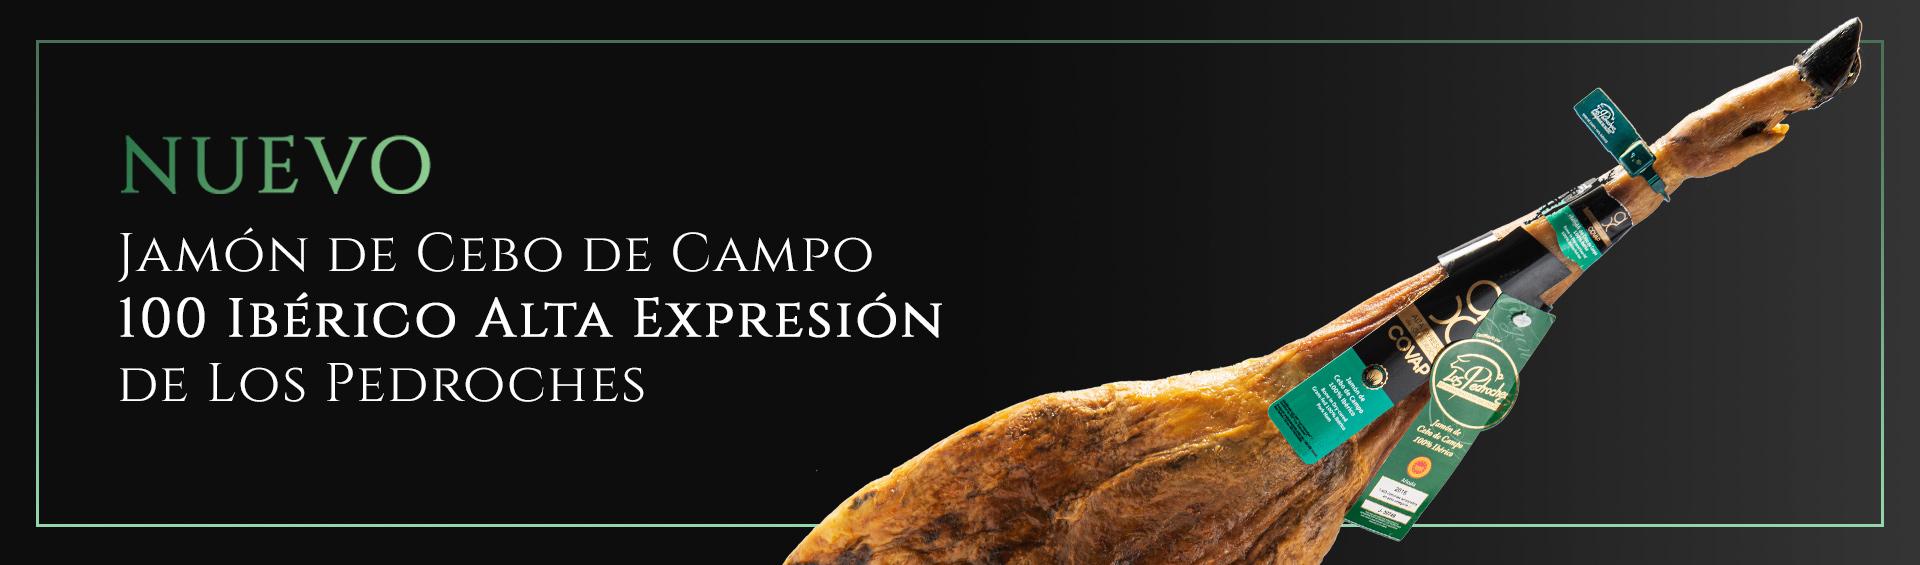 Jamón cebo de campo AX DO | IbericosCOVAP